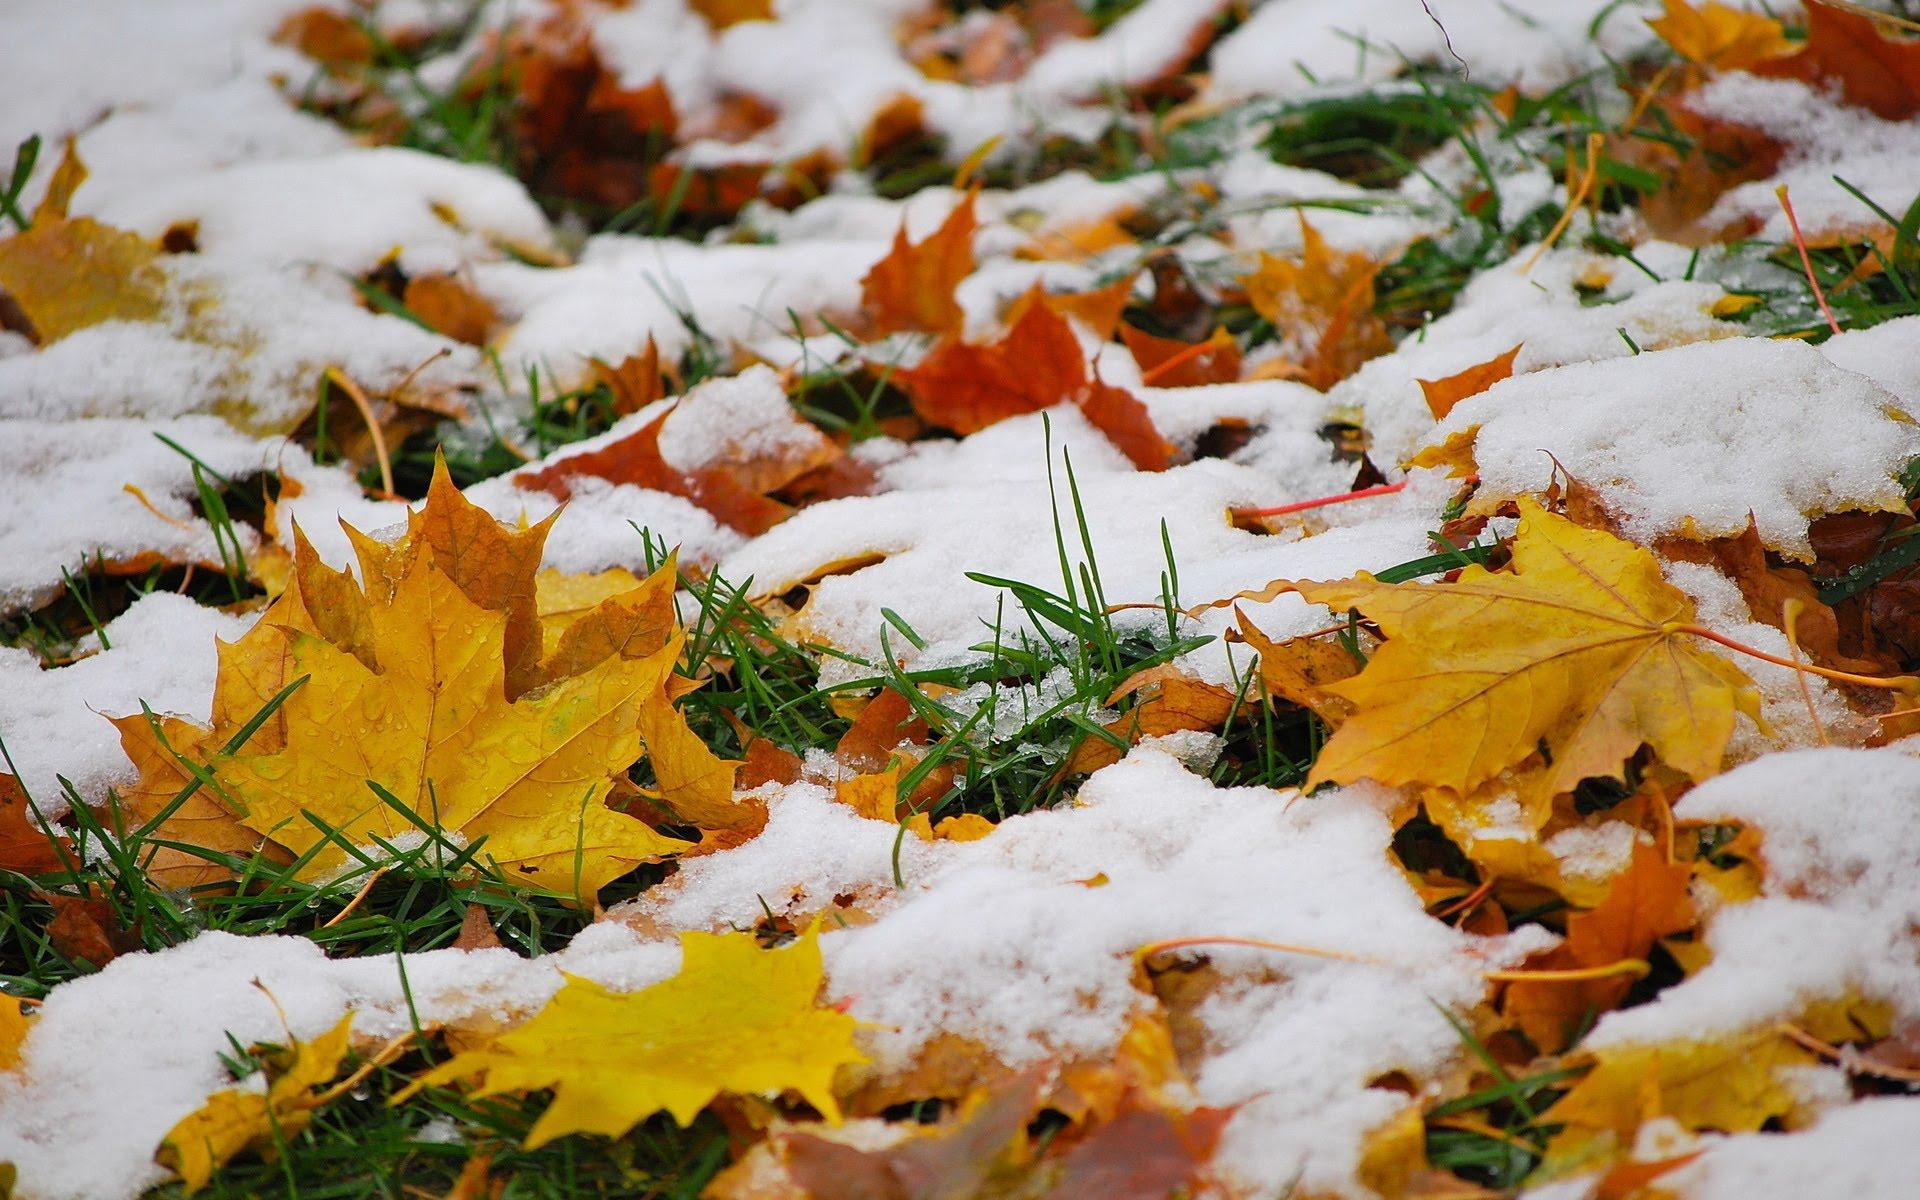 Снежный четверг! Синоптики предупредили о погодных сюрпризах